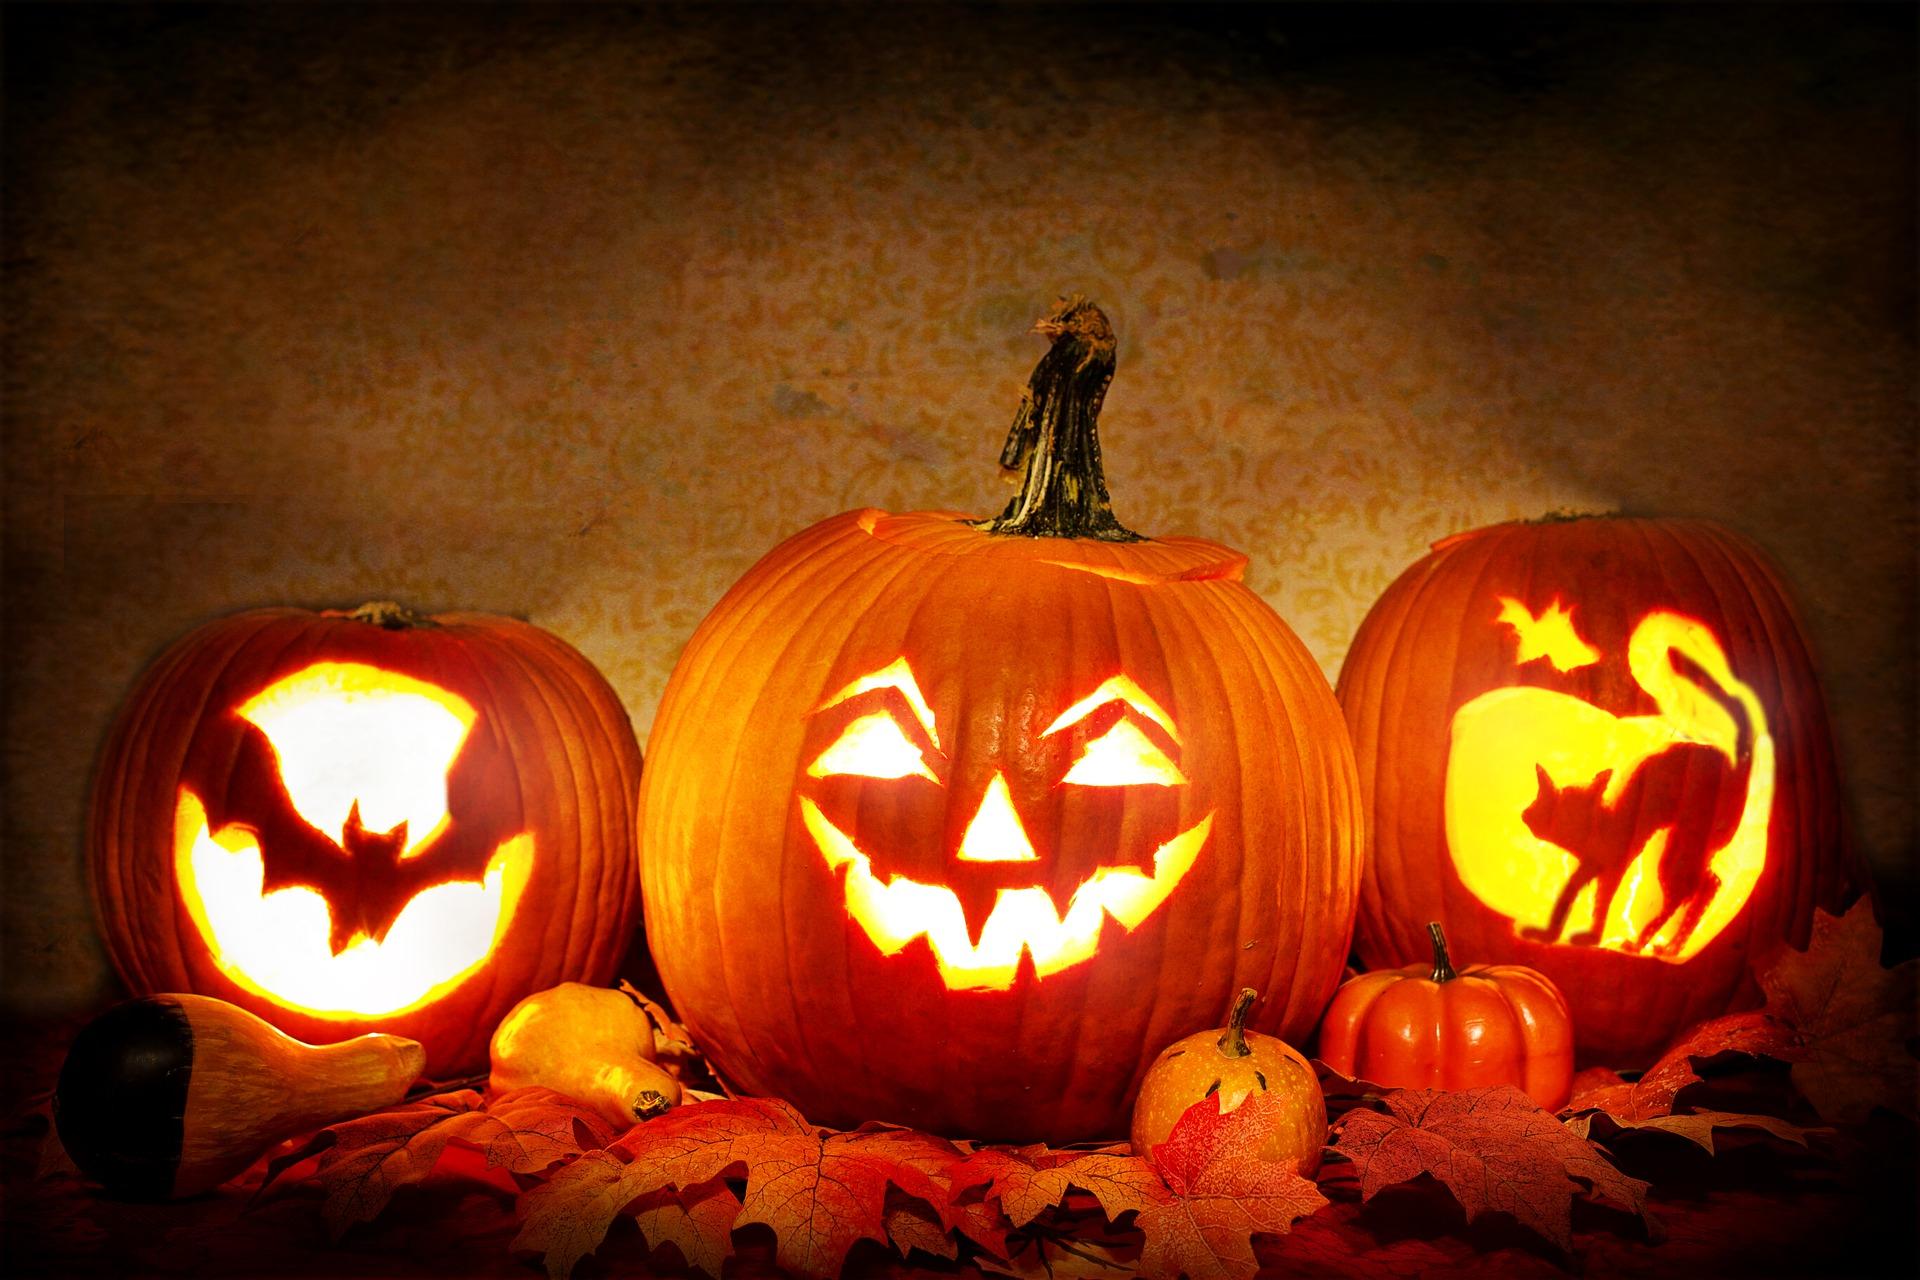 Five festive ways to celebrate Halloween in Dallas - Dallas City News